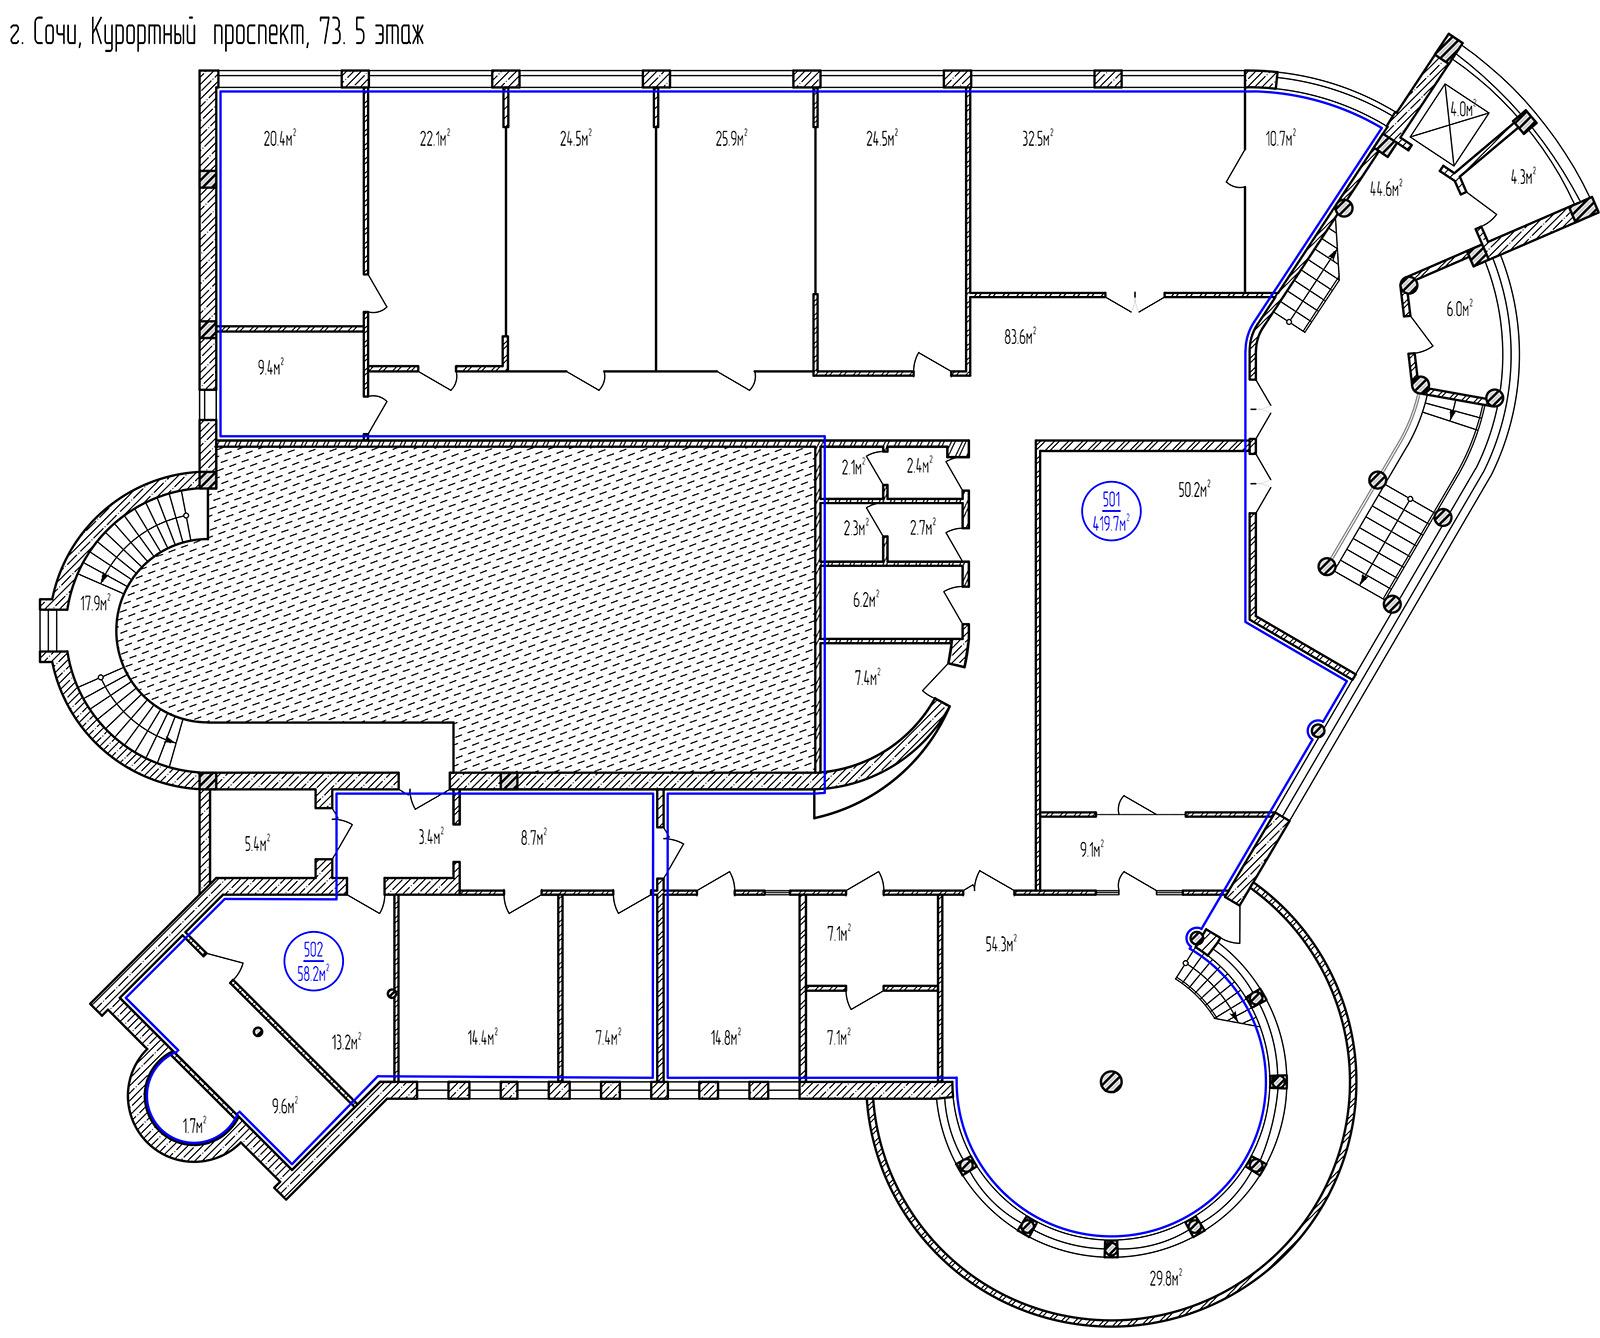 Планировка: этаж 5